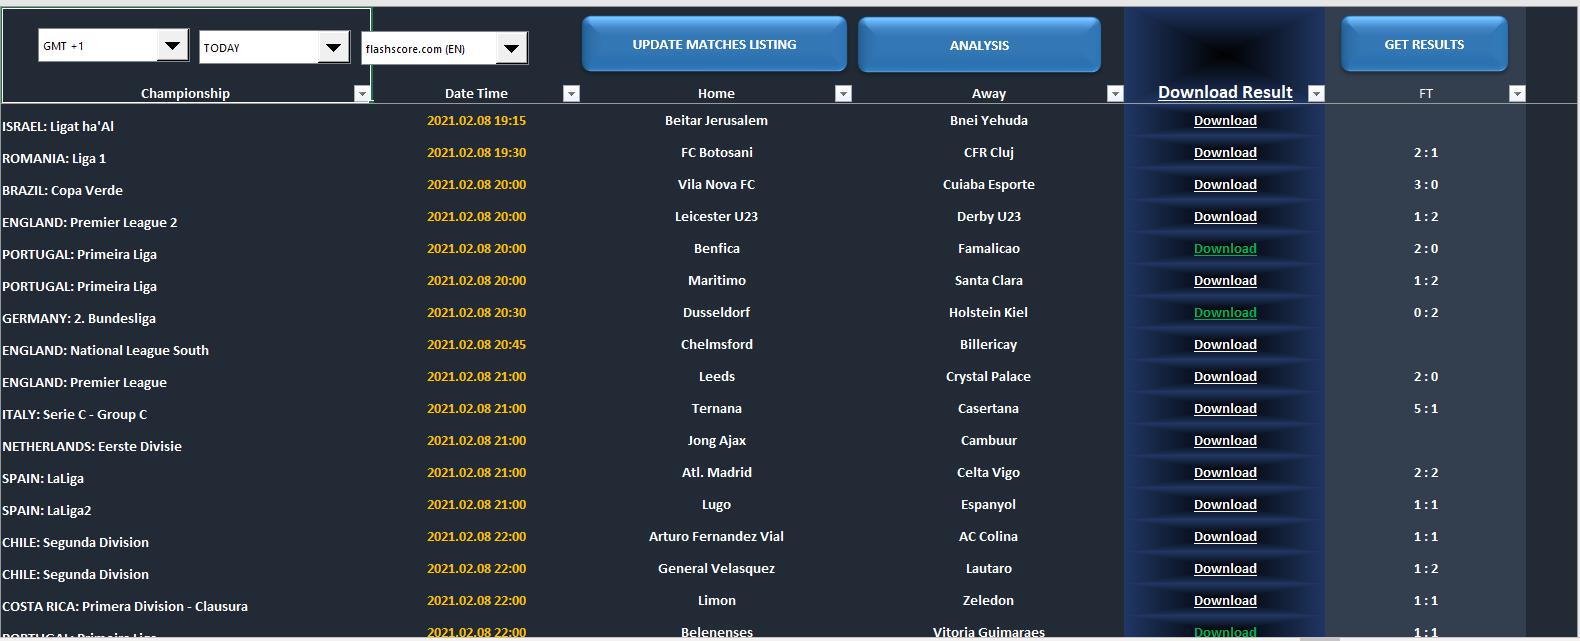 Profi Sportwetten Analyse Software Fussball Tool Analyzer Football Match